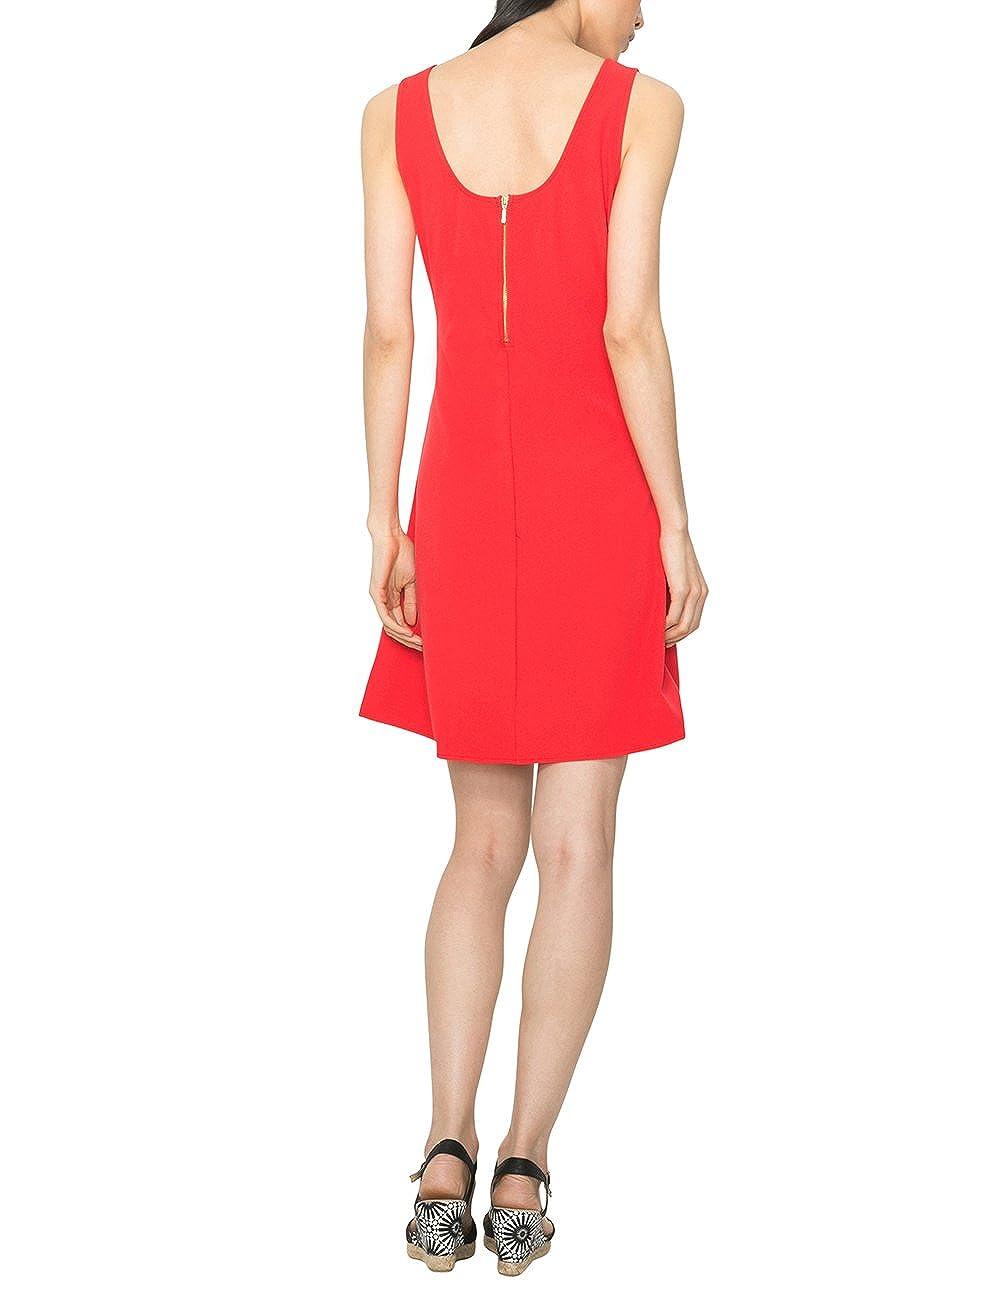 Desigual Barceloneta - Robe - Trapèze - Imprimé - Sans manche - Femme -  Rouge (Fresa) - FR  36 (Taille fabricant  36)  Amazon.fr  Vêtements et  accessoires 61af59e050e7